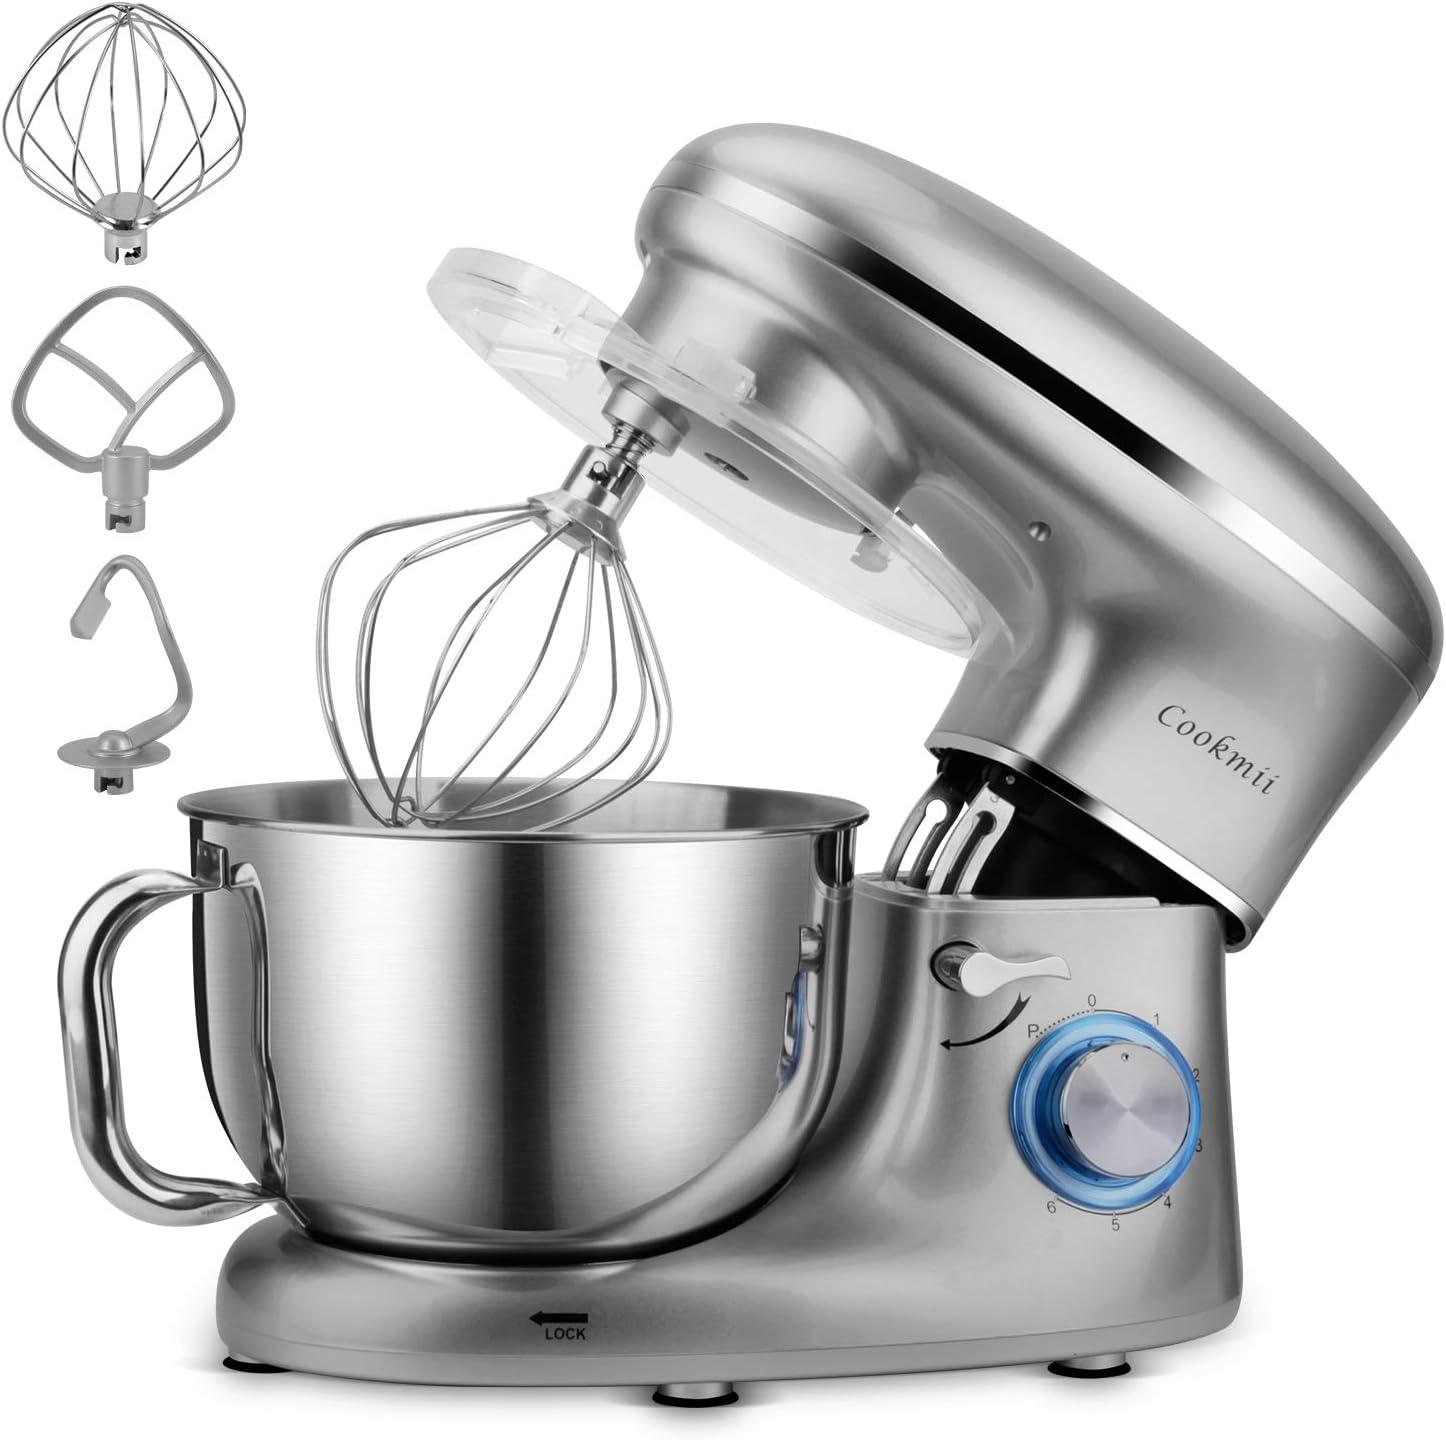 Cookmii Batidora Amasadora, Amasadora de Bajo Ruido, Robot de Cocina Multifuncional, Amasadoras de Pan, Batidora Eléctrica de 6 Velocidades con Recipiente de 5.5 Litros Gancho, Baterista, Látigo